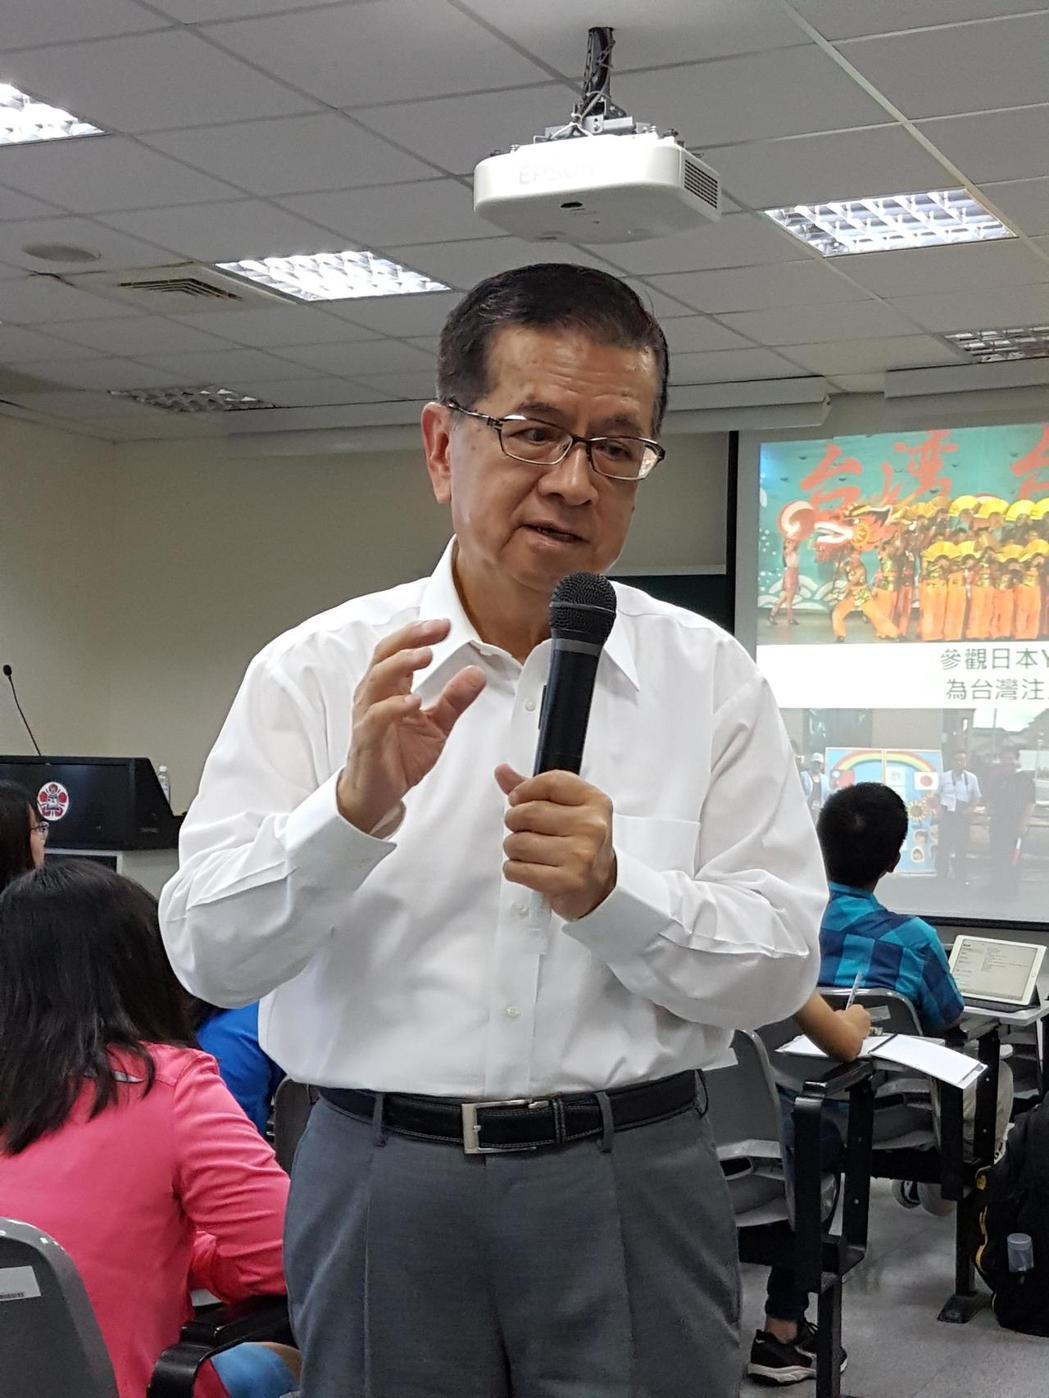 前統一超董事長徐重仁預言未來的超商不會再全部24小時營業。記者修瑞瑩/攝影